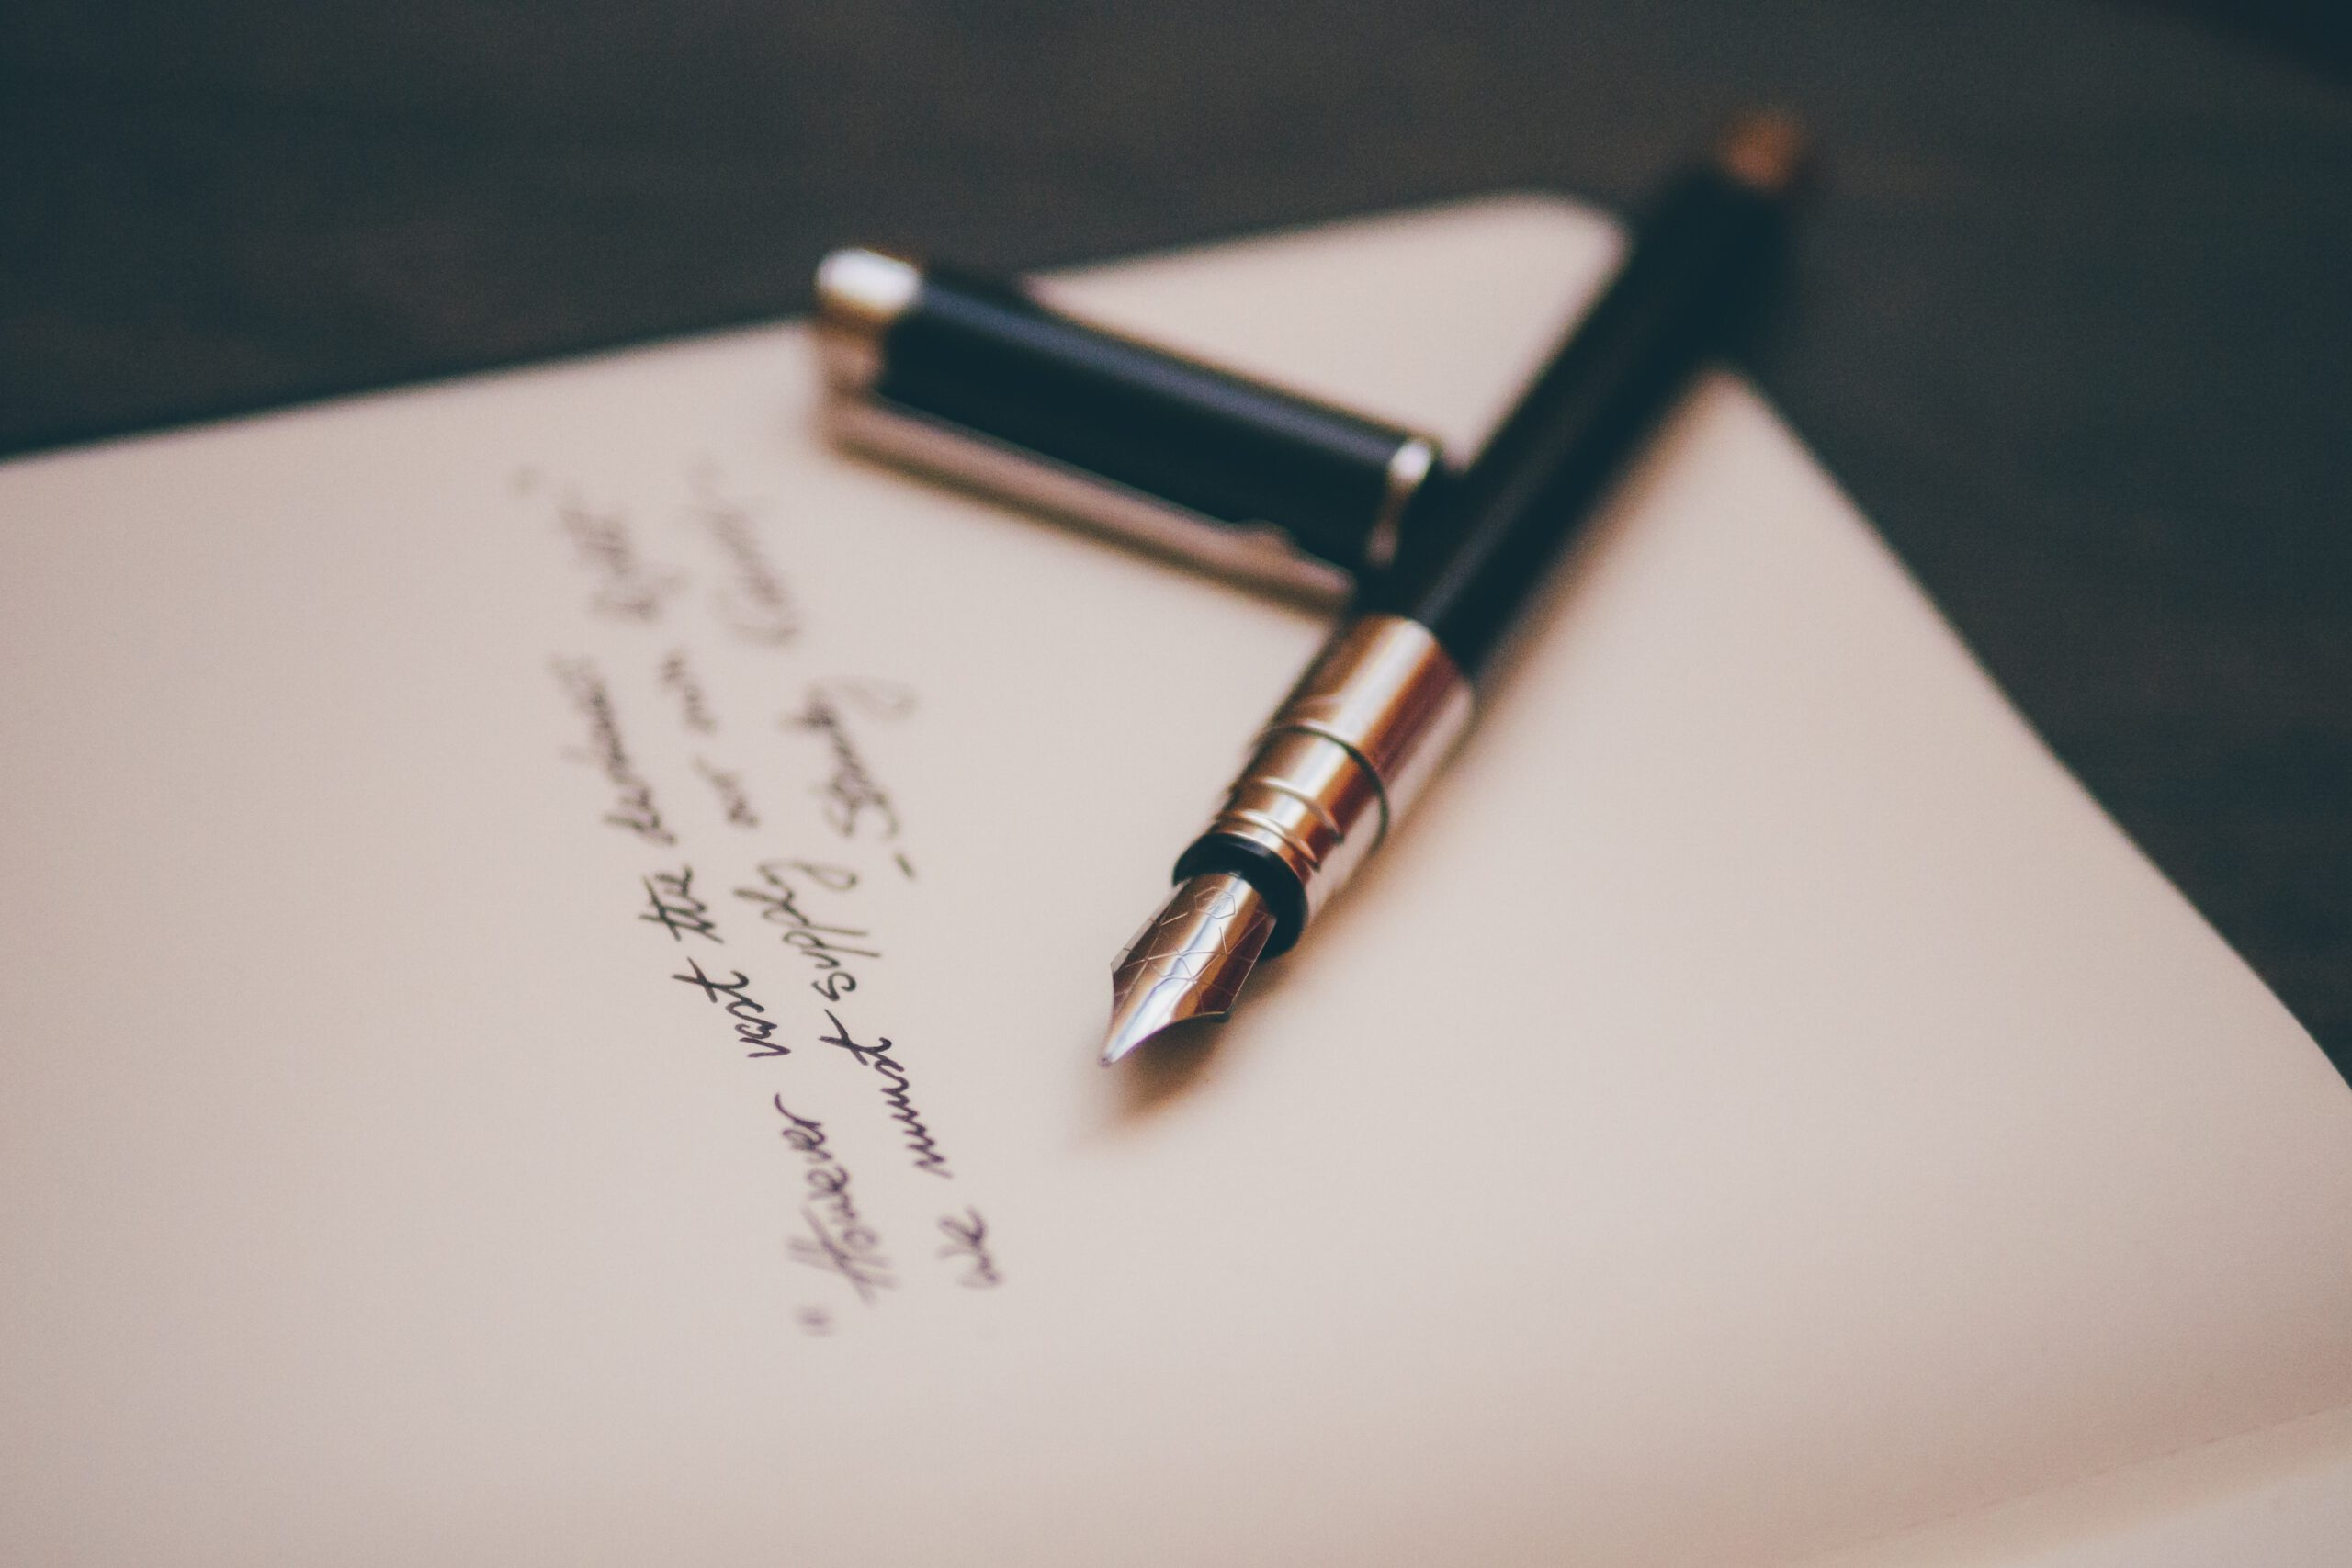 Luovan kirjoittamisen kurssi